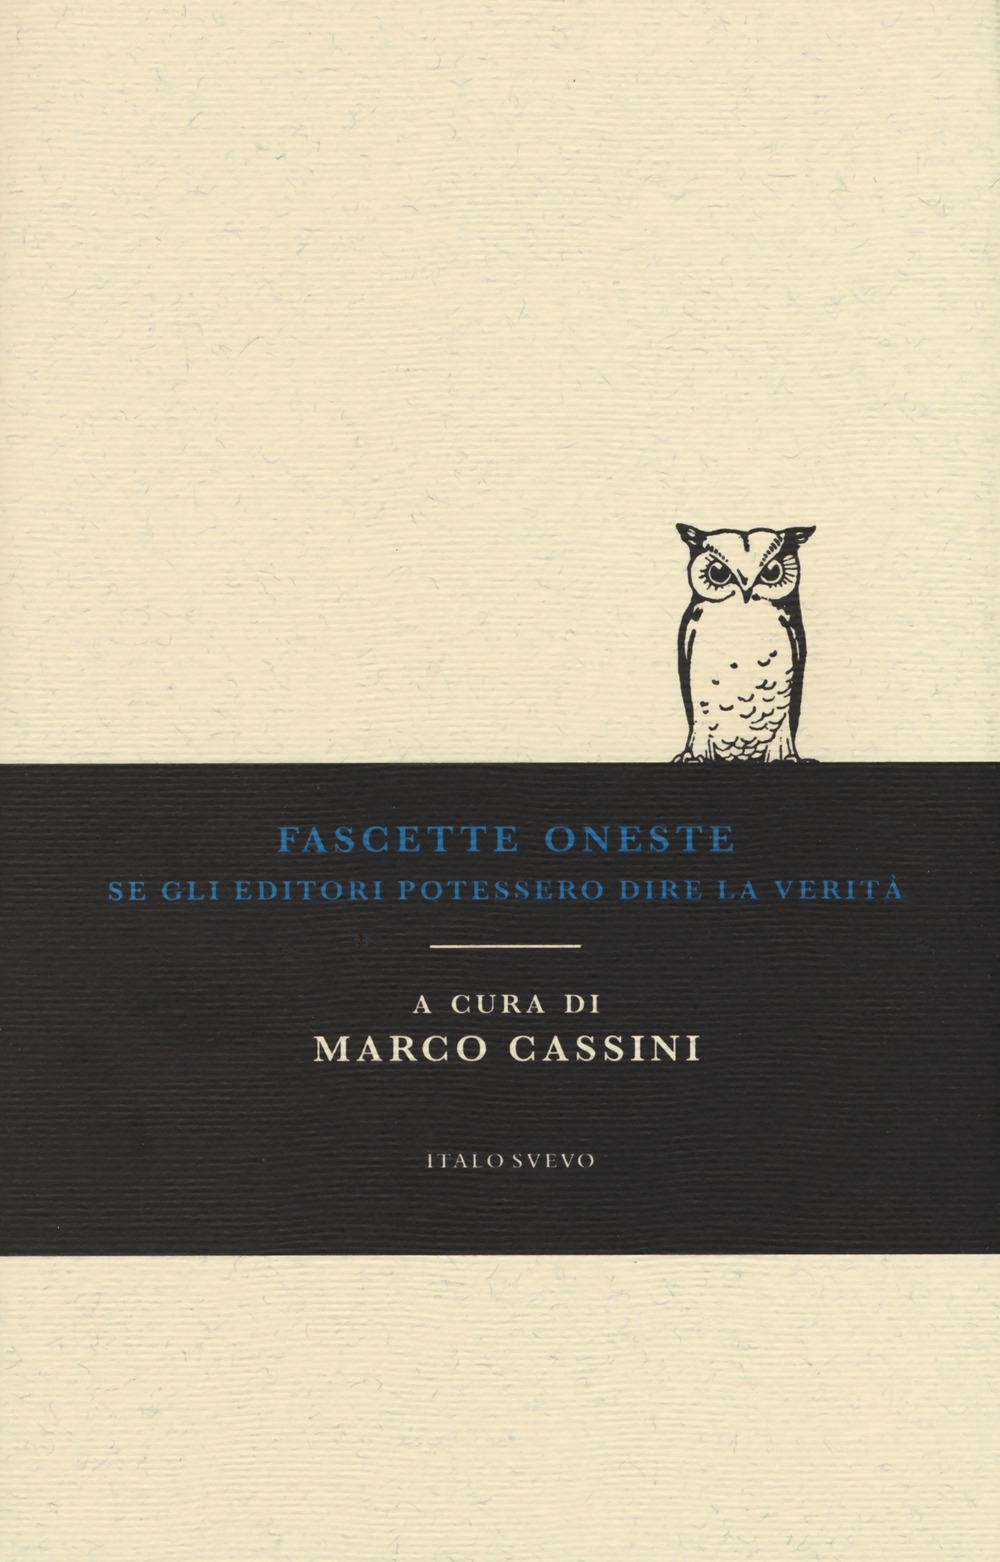 FASCETTE ONESTE. SE GLI EDITORI POTESSERO DIRE LA VERITÀ - Cassini M. (cur.) - 9788899028435